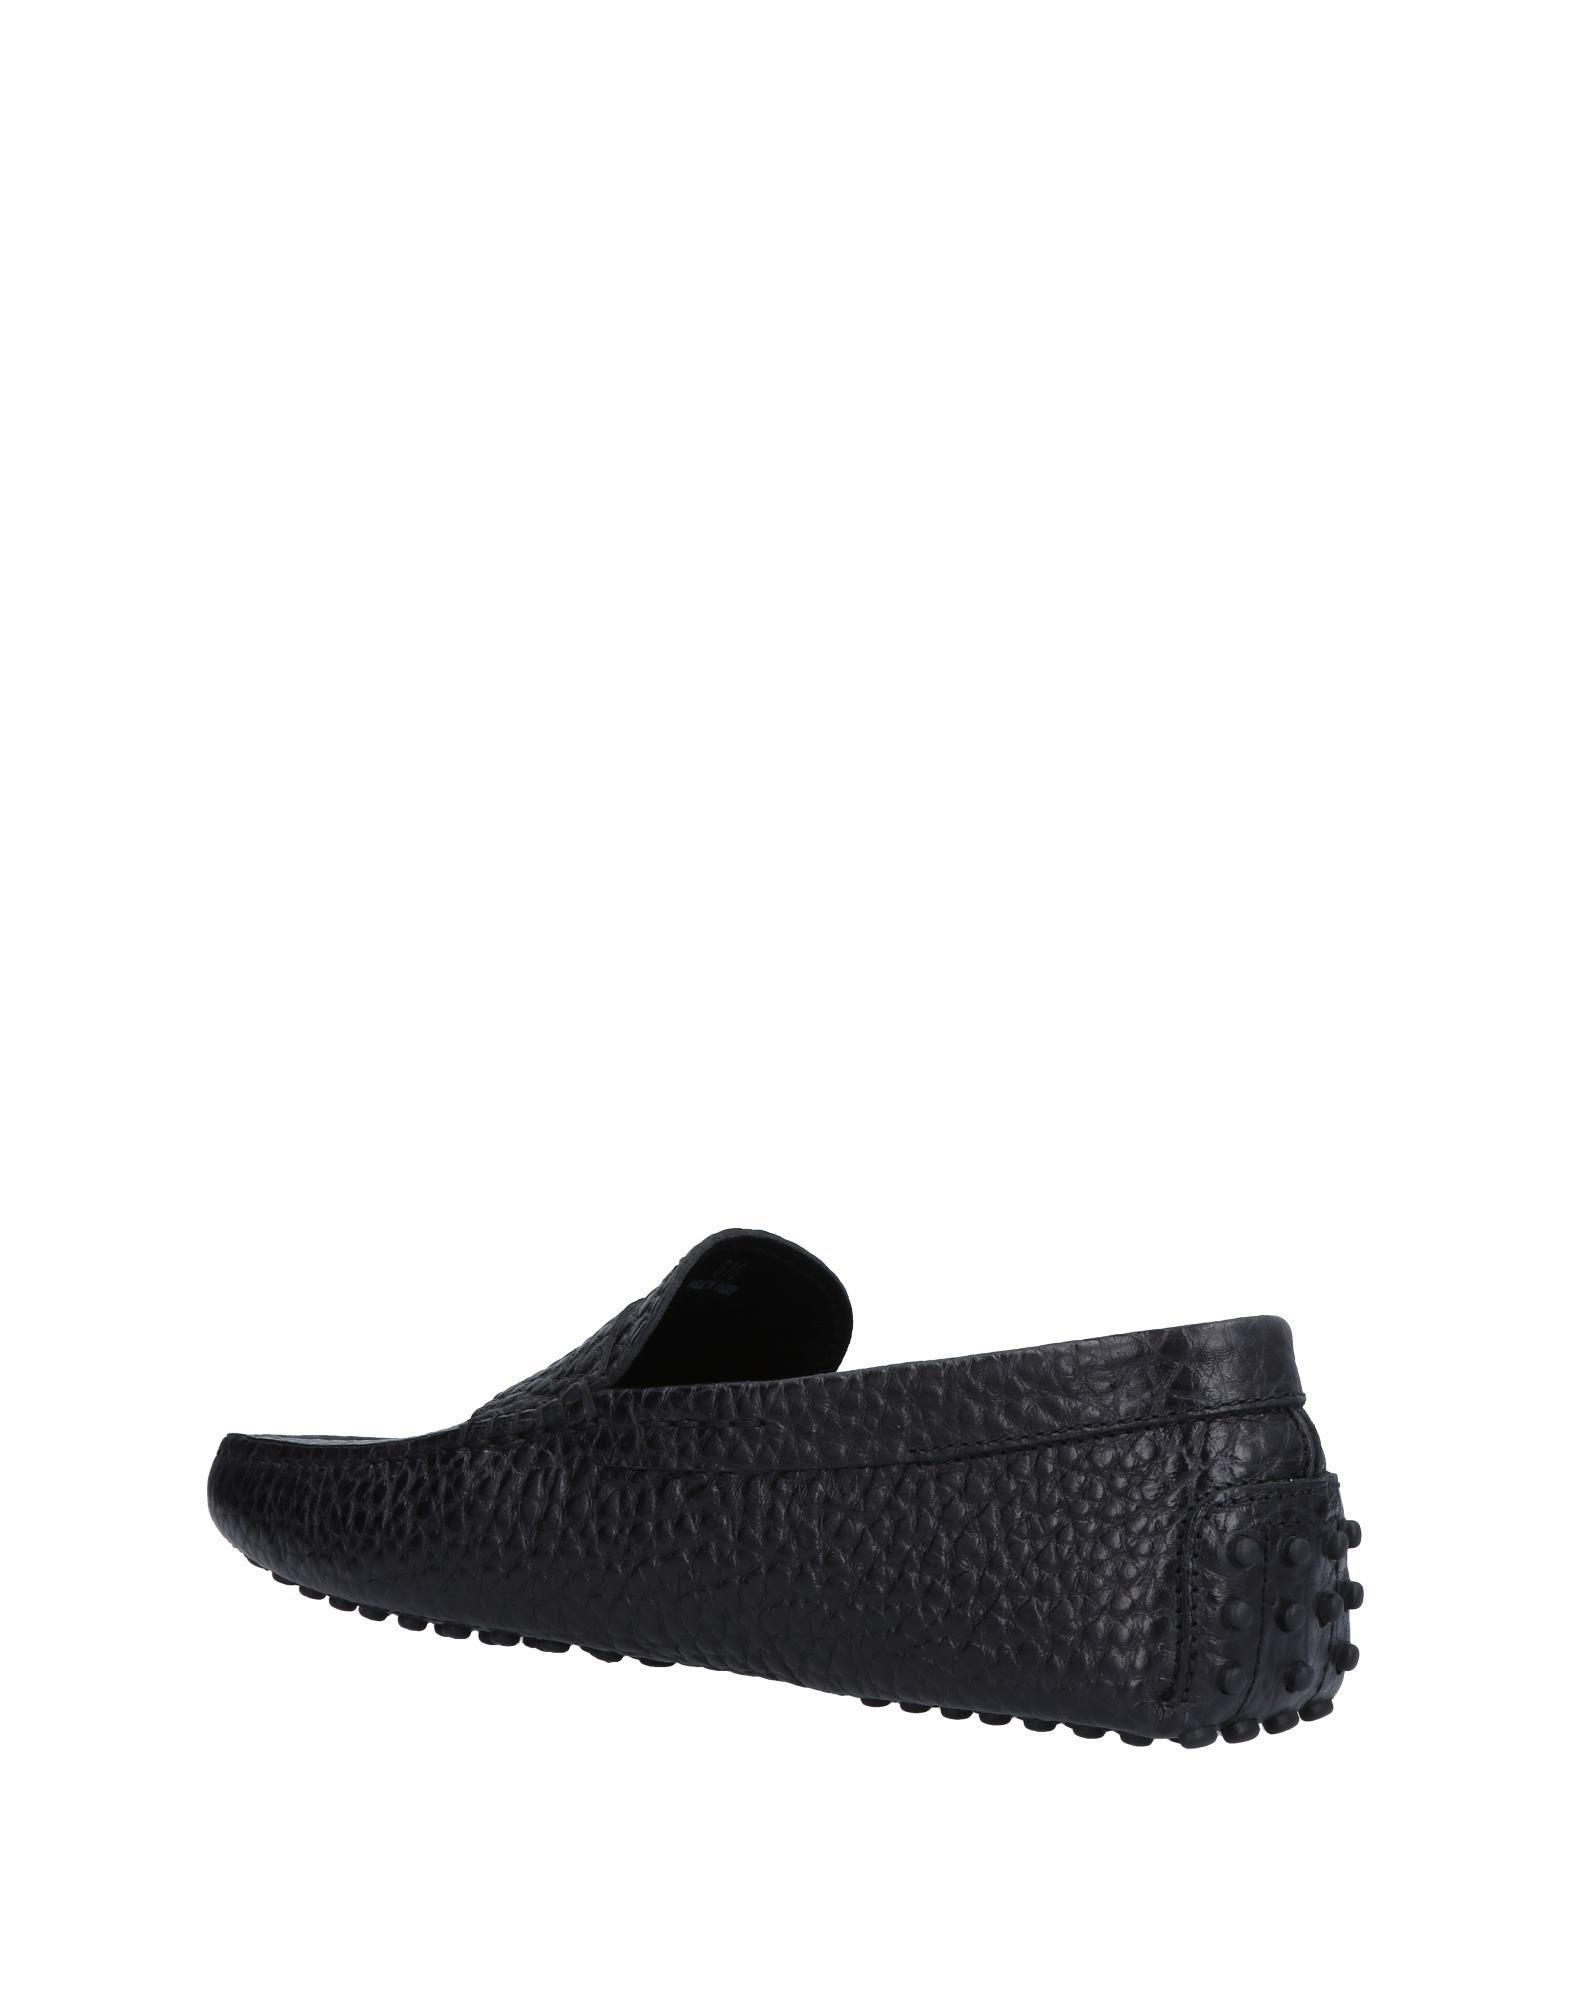 Tod's 11484905CR Mokassins Herren  11484905CR Tod's Gute Qualität beliebte Schuhe 533429